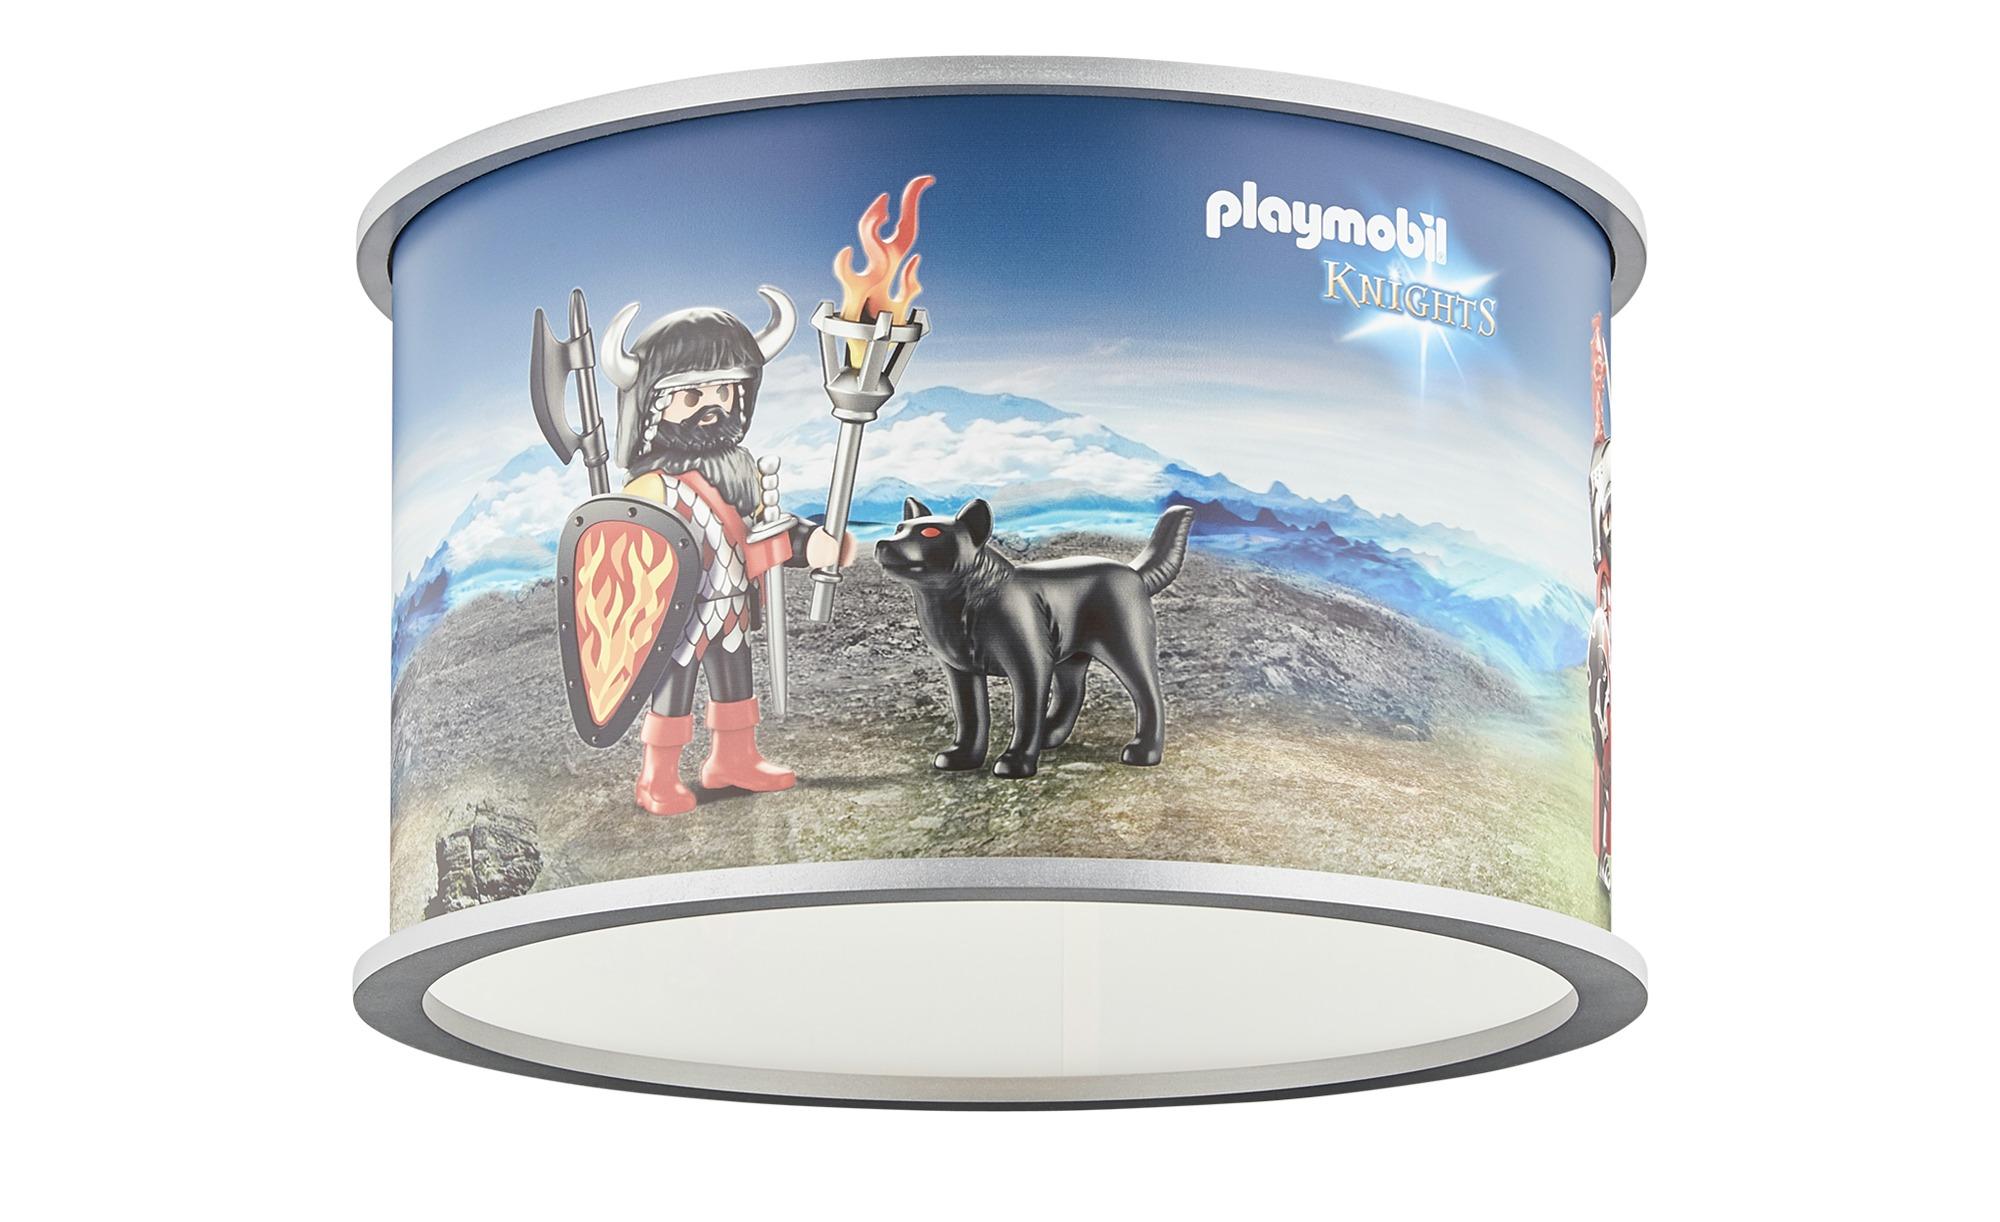 Playmobil Pendelleuchte, 1-flammig, Playmobil `Knights` ¦ blau ¦ Maße (cm): H: 25 Ø: 40 Lampen & Leuchten > Innenleuchten > Kinderlampen - Höffner